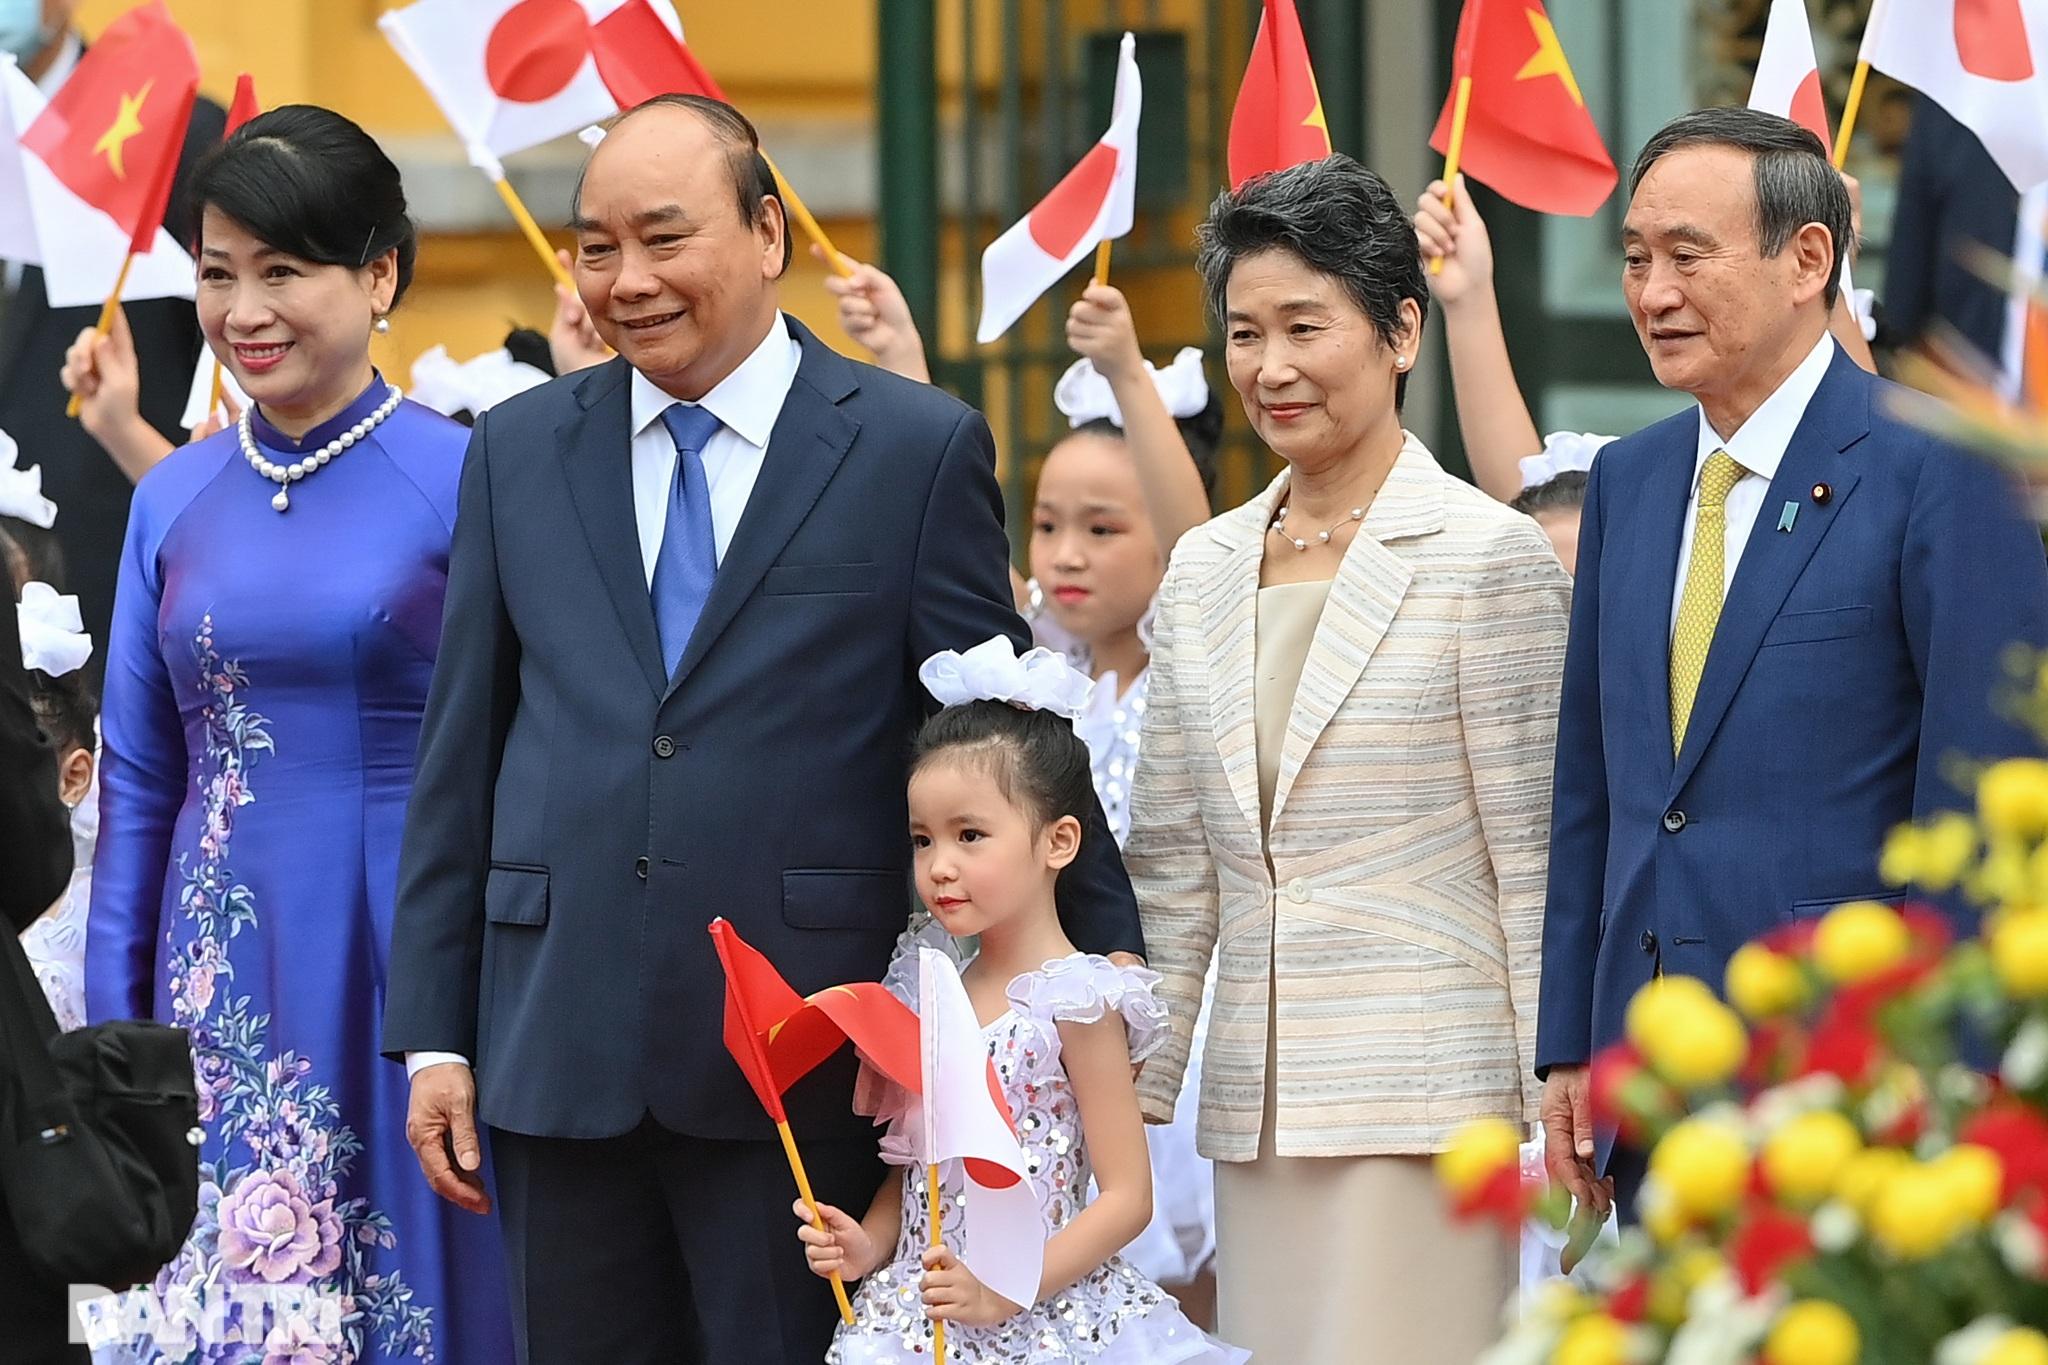 Lễ đón chính thức Thủ tướng Nhật Bản Suga Yoshihide và phu nhân tại Hà Nội - 4